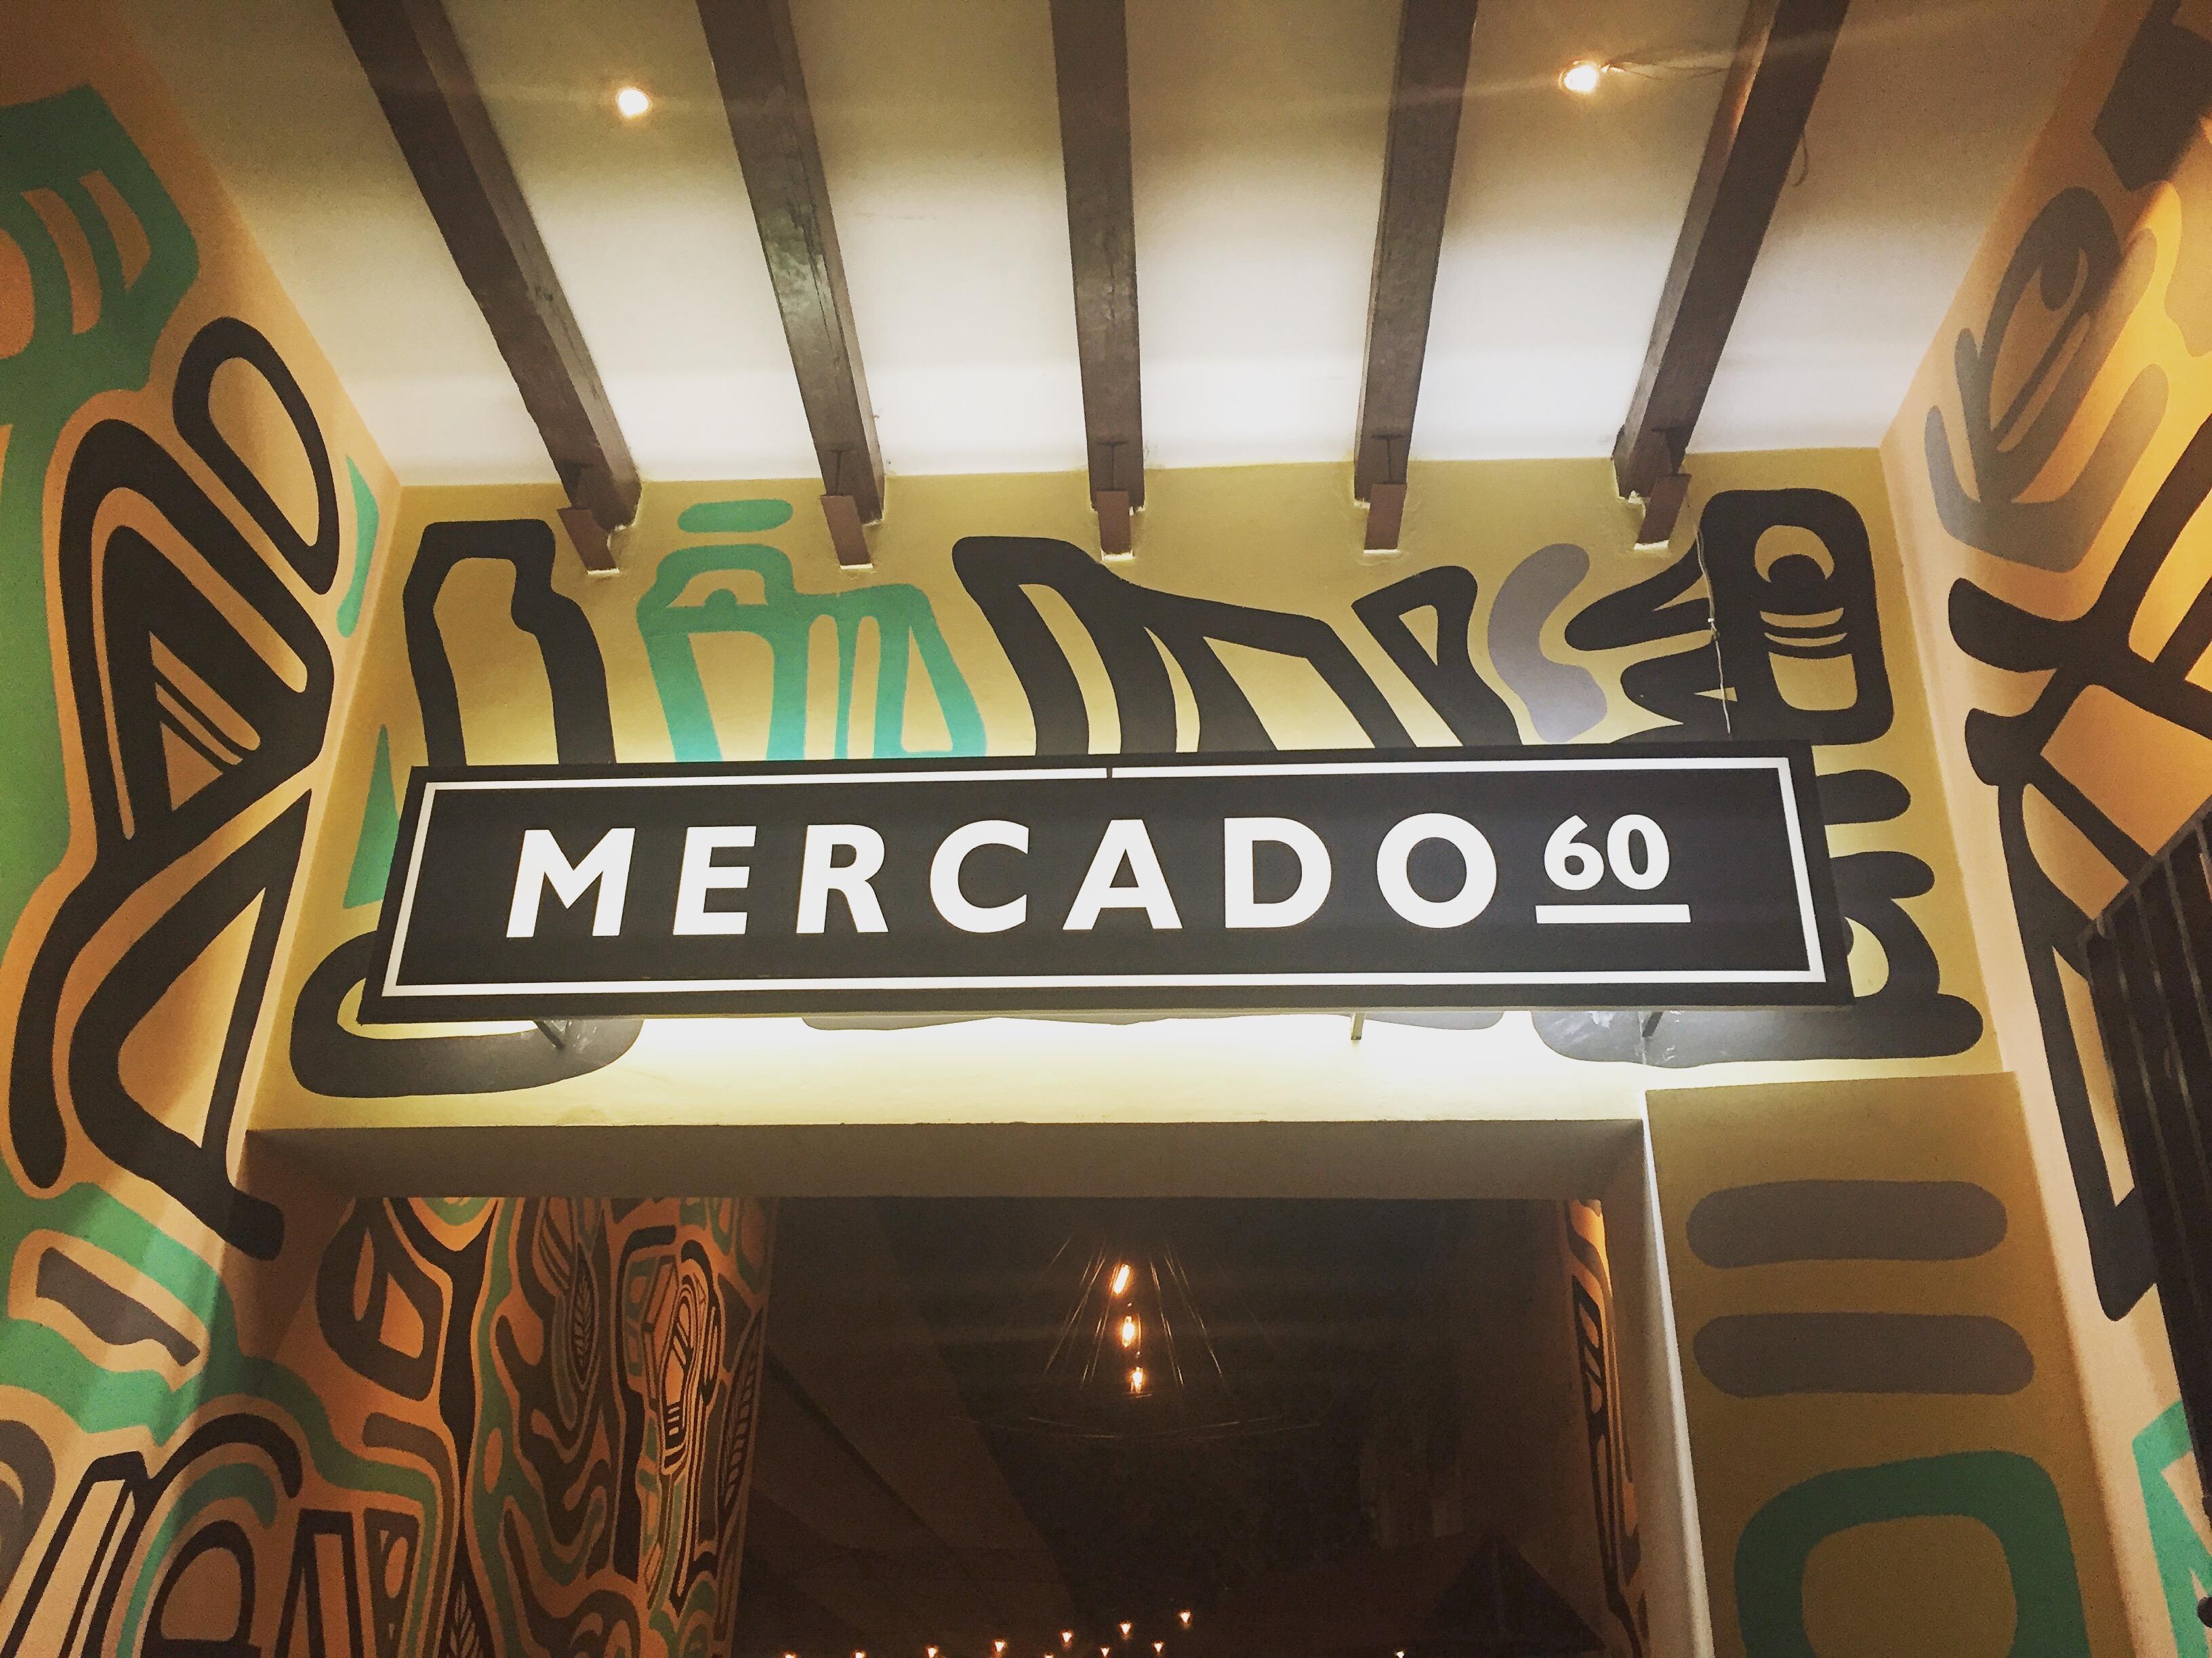 Mercado 60 Comida Gourmet